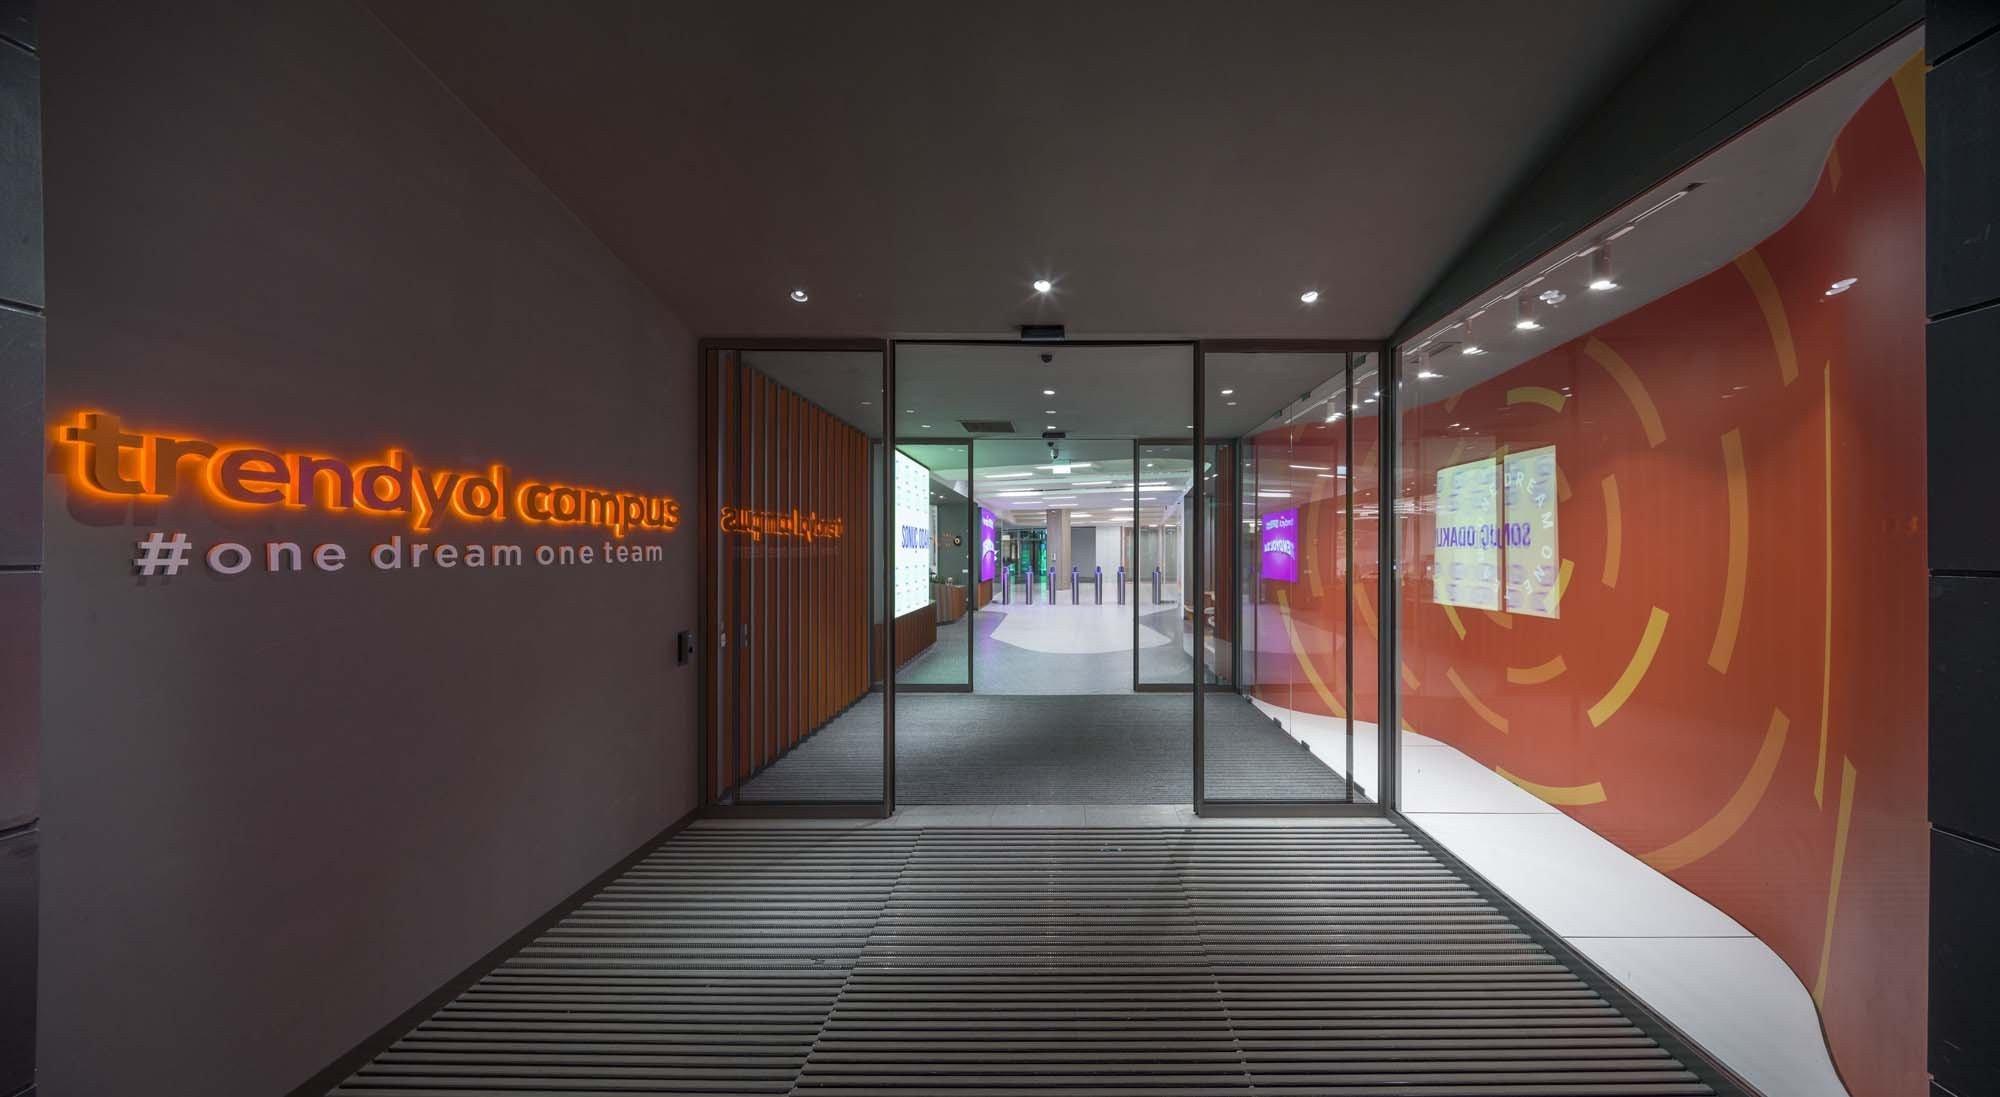 Şirket çalışanları Trendyol'a özel bir kapıdan ofise giriş yapıyor.